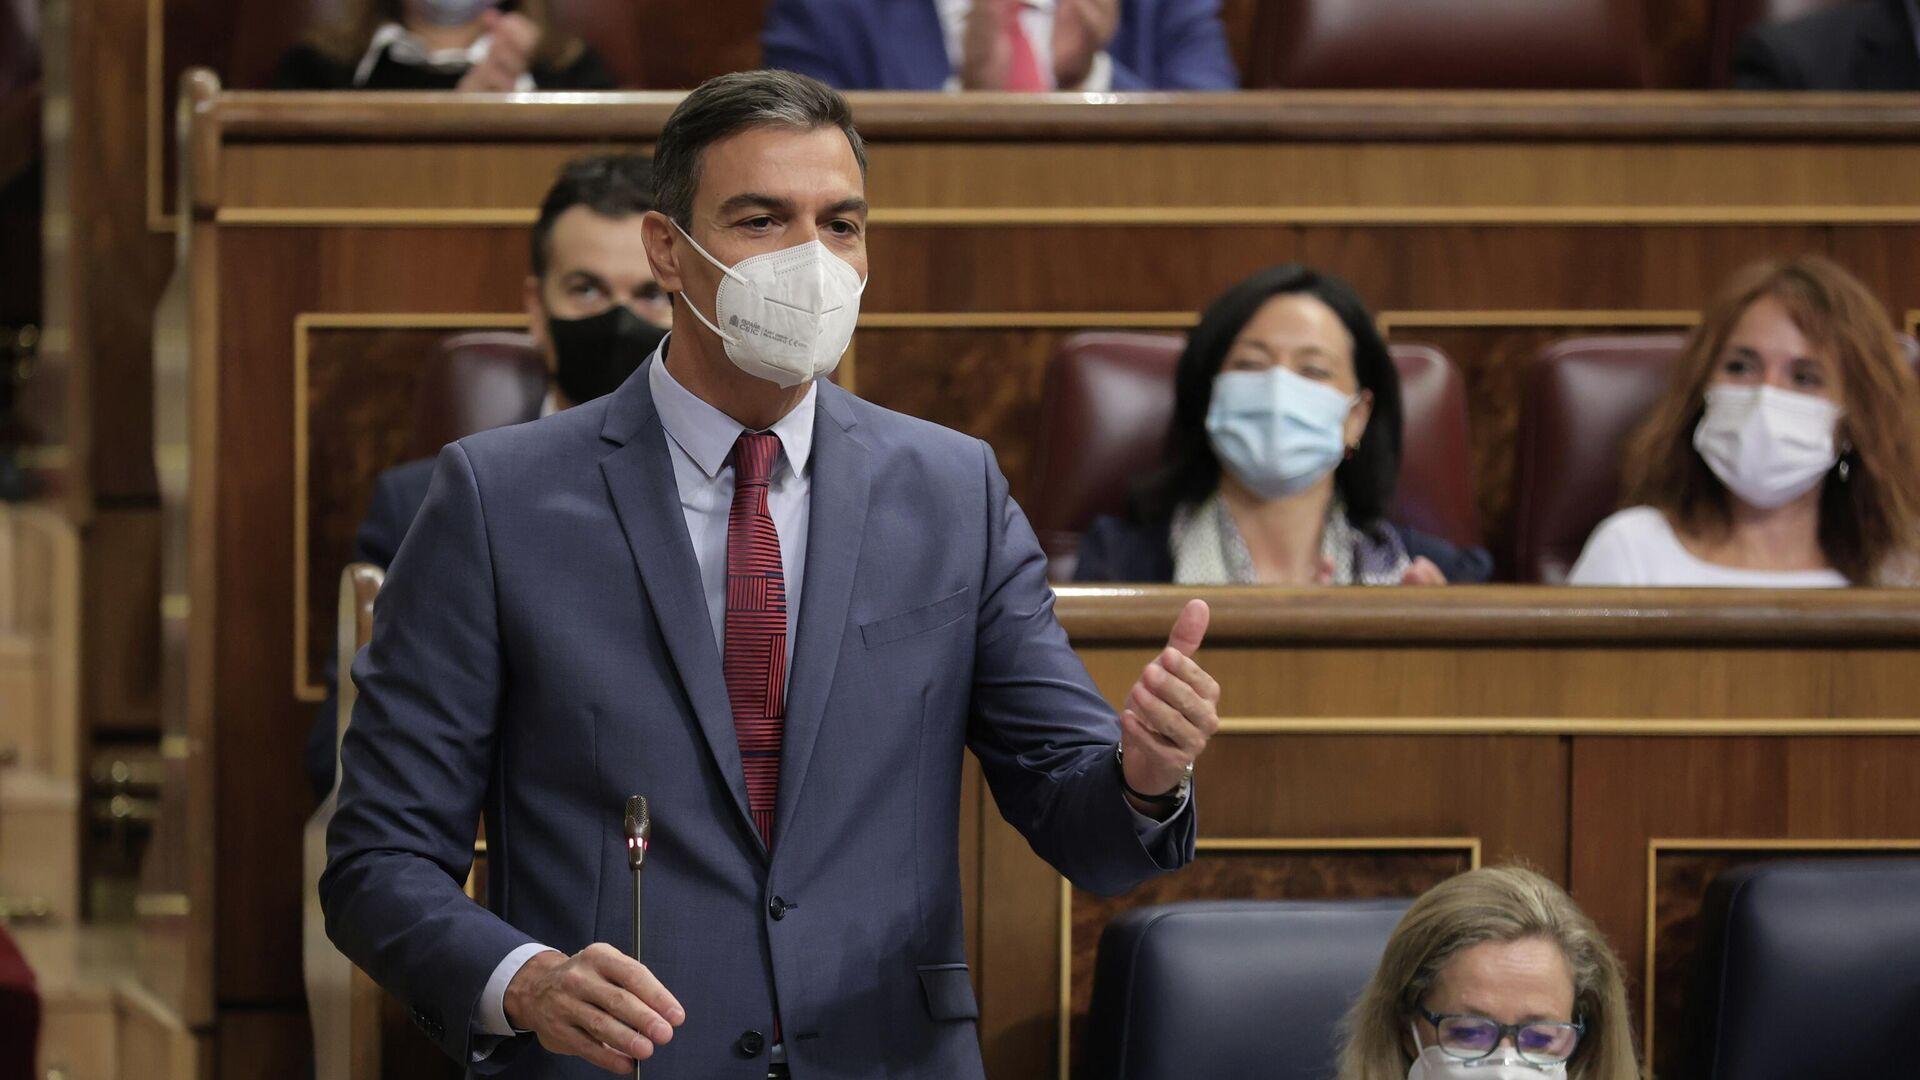 El presidente del Gobierno, Pedro Sánchez, en la sesión de control al Gobierno en el Congreso de los Diputados - Sputnik Mundo, 1920, 29.09.2021